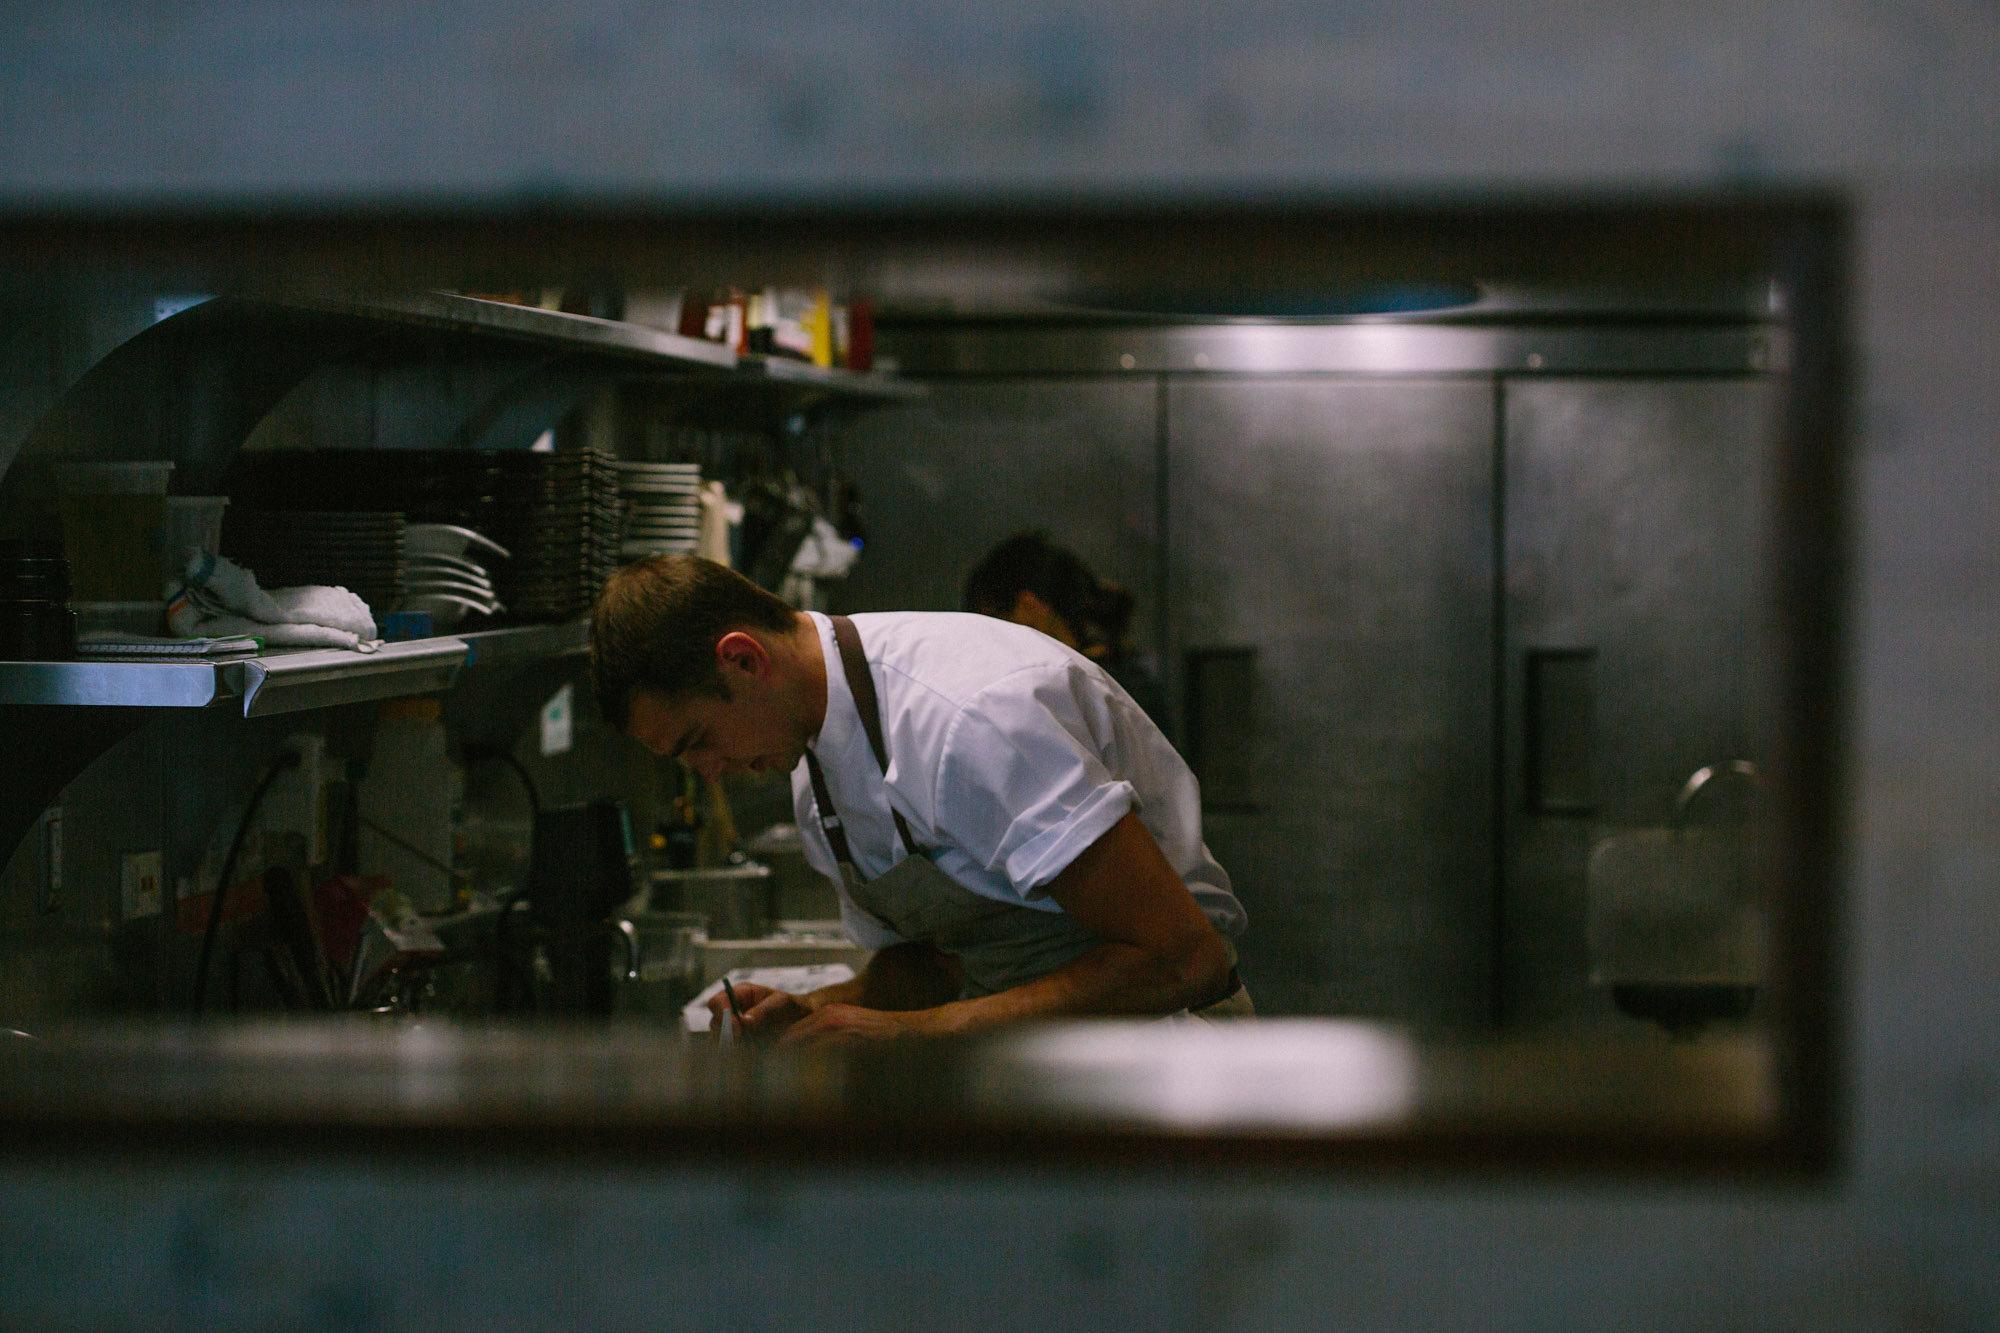 chefplating.jpg